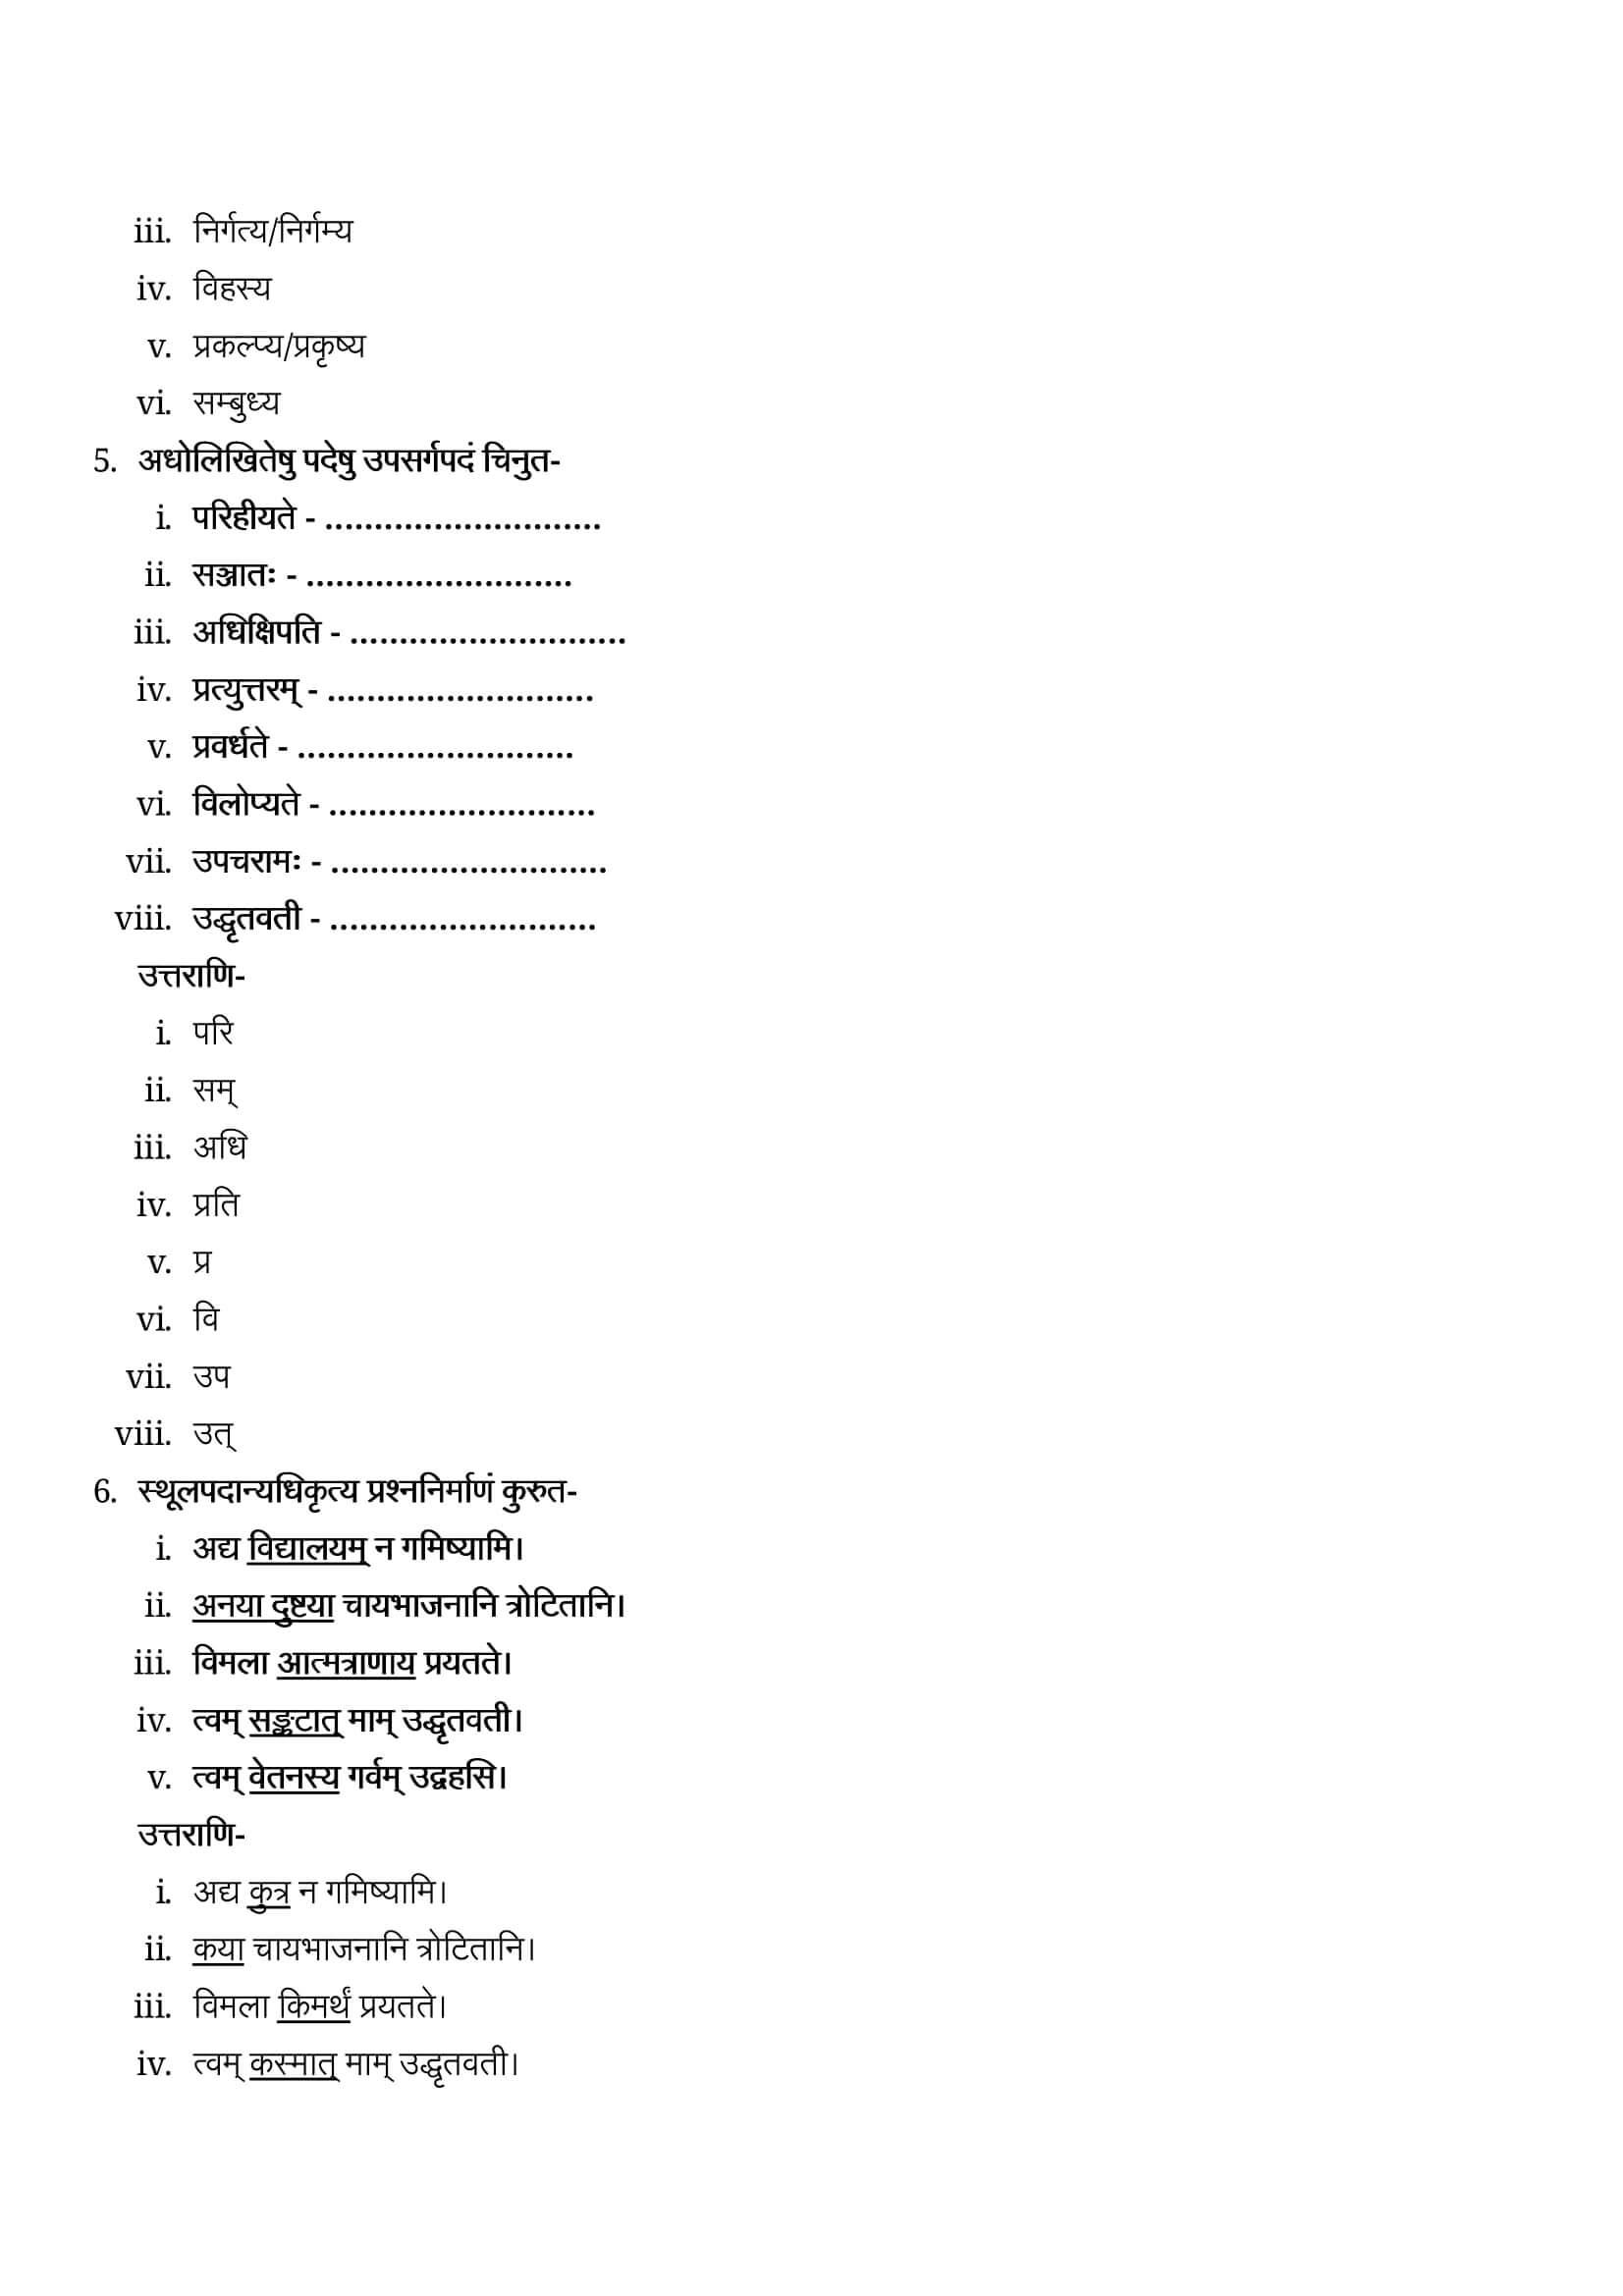 ncert solutions class 9 sanskrit shemushi chapter 3 sompravam 3